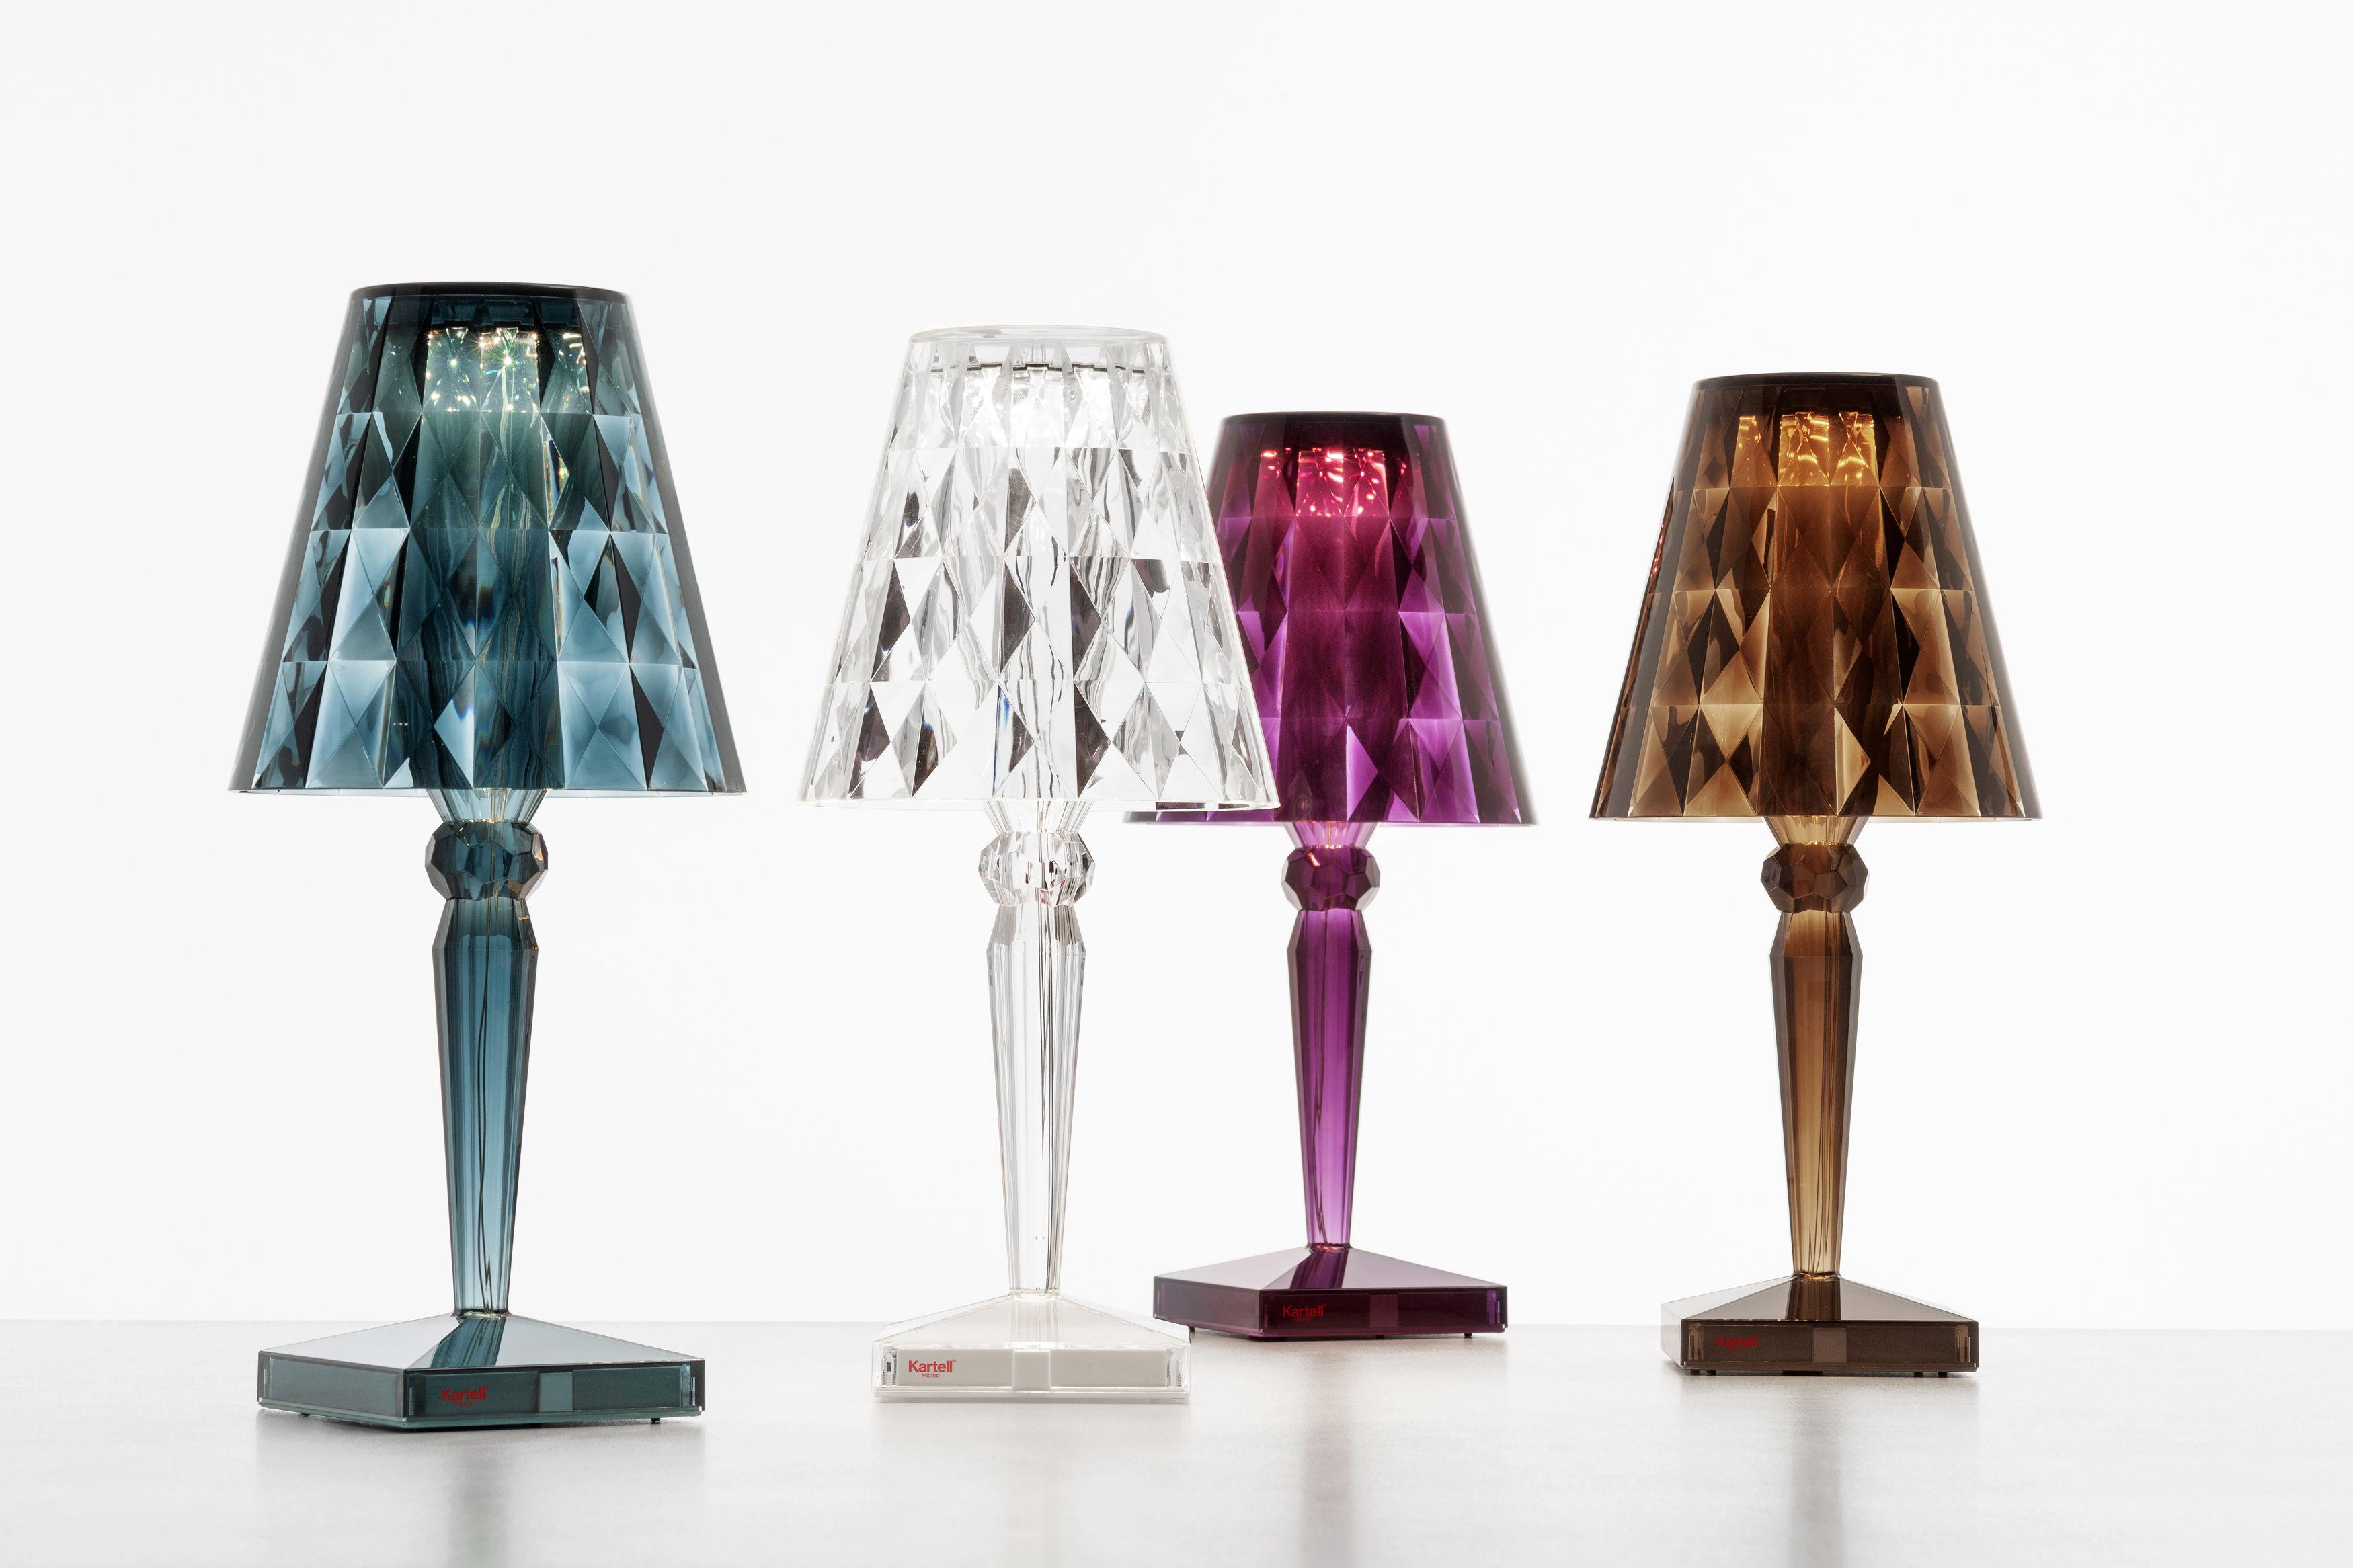 lampe ohne kabel big battery led von kartell cristal h. Black Bedroom Furniture Sets. Home Design Ideas